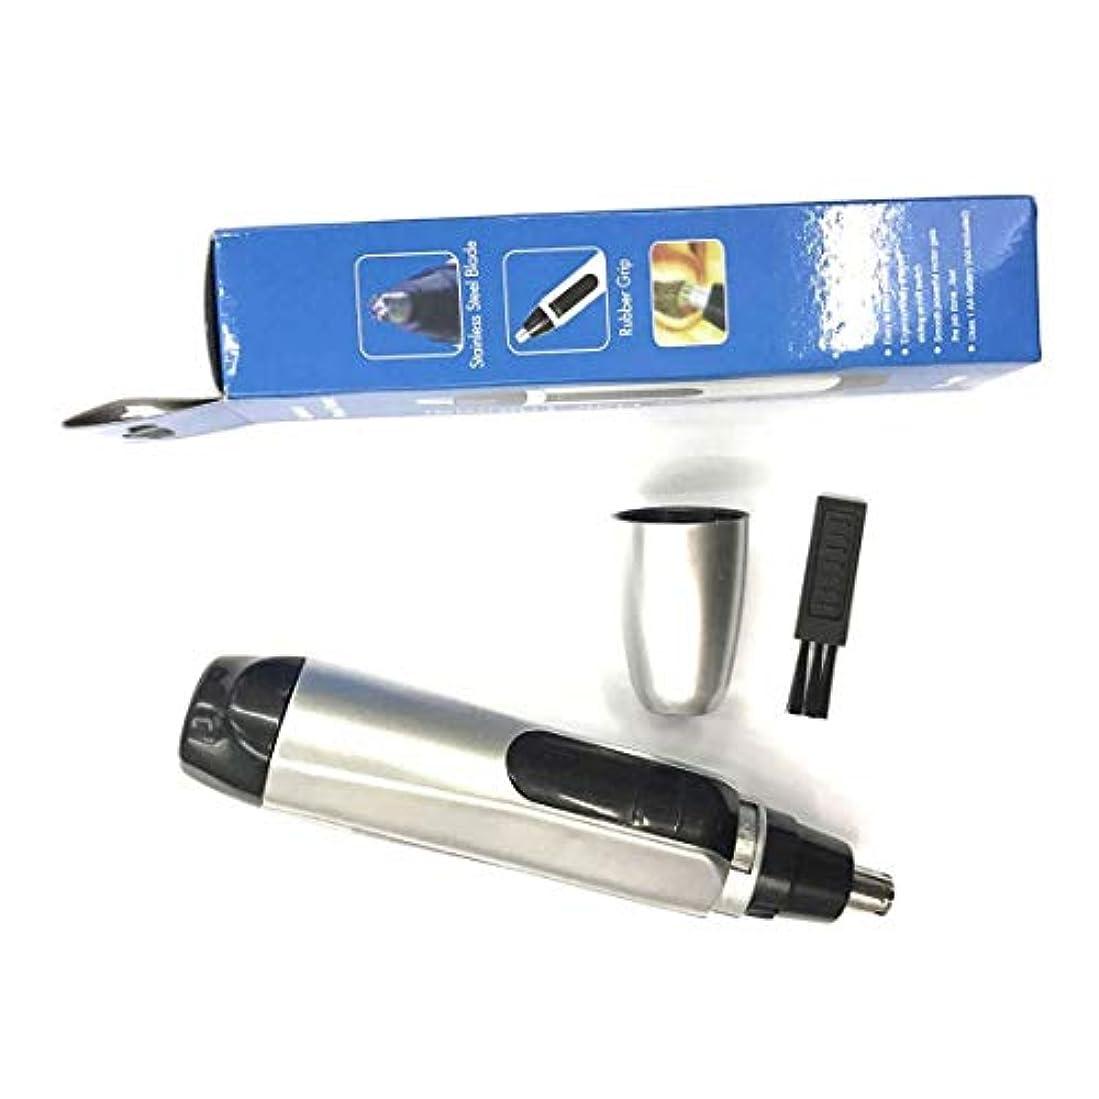 溶ける摂氏度良いノーズヘアトリマーノーズイヤーフェイスリムービングシェービングヘアトリマー電気シェーバー-Rustle666